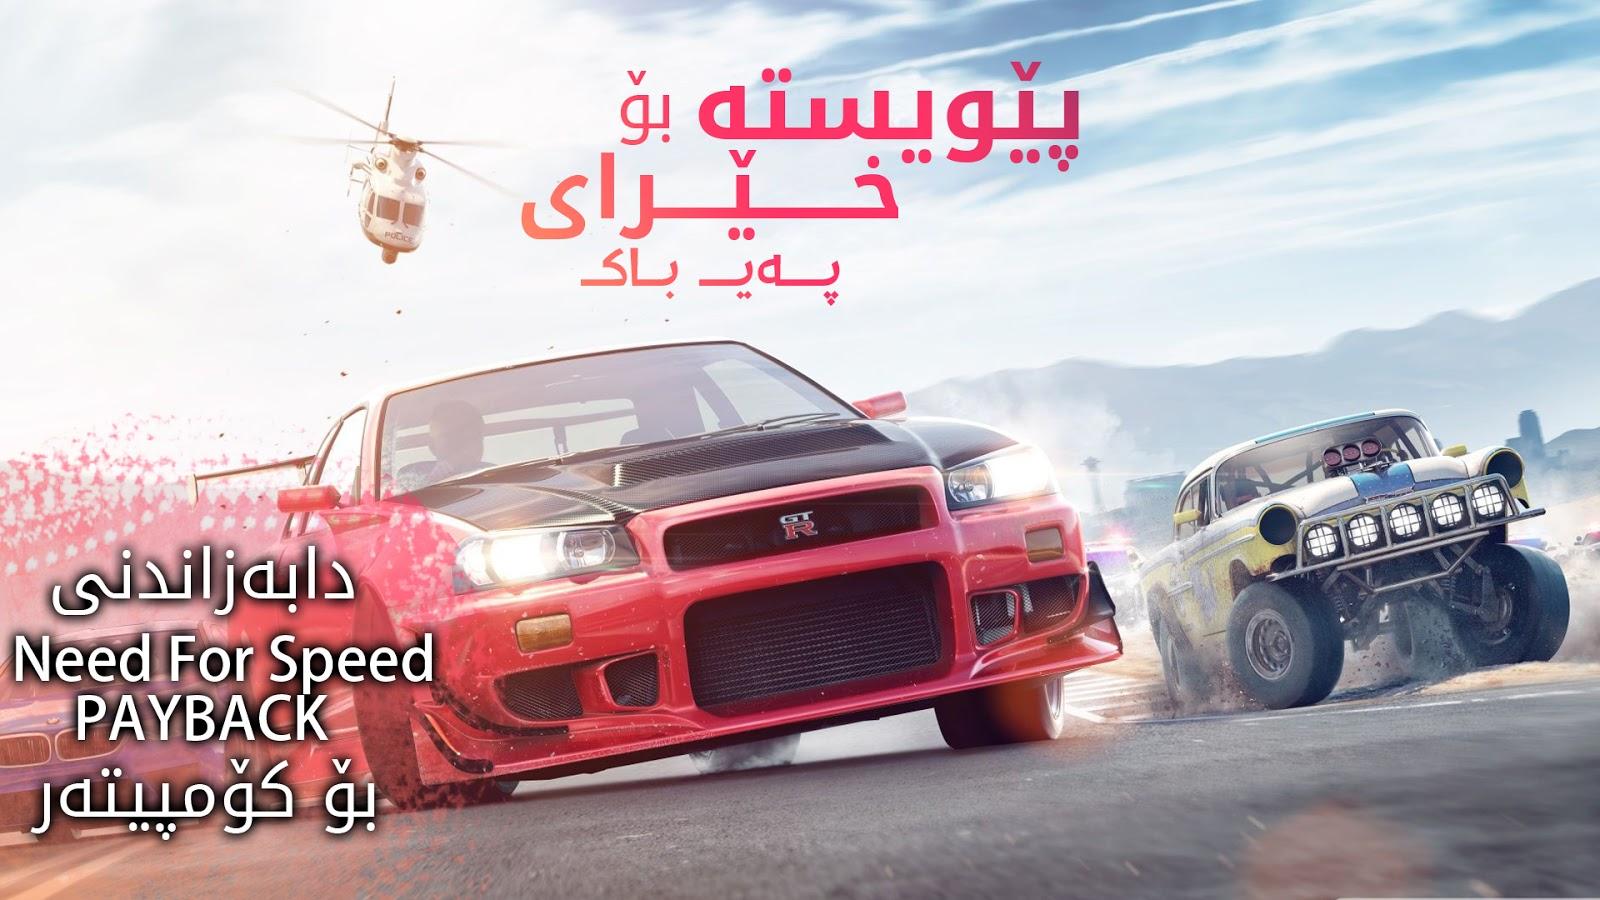 دابهزاندنی Need For Speed PAYBACK بۆ كۆمپیتهر